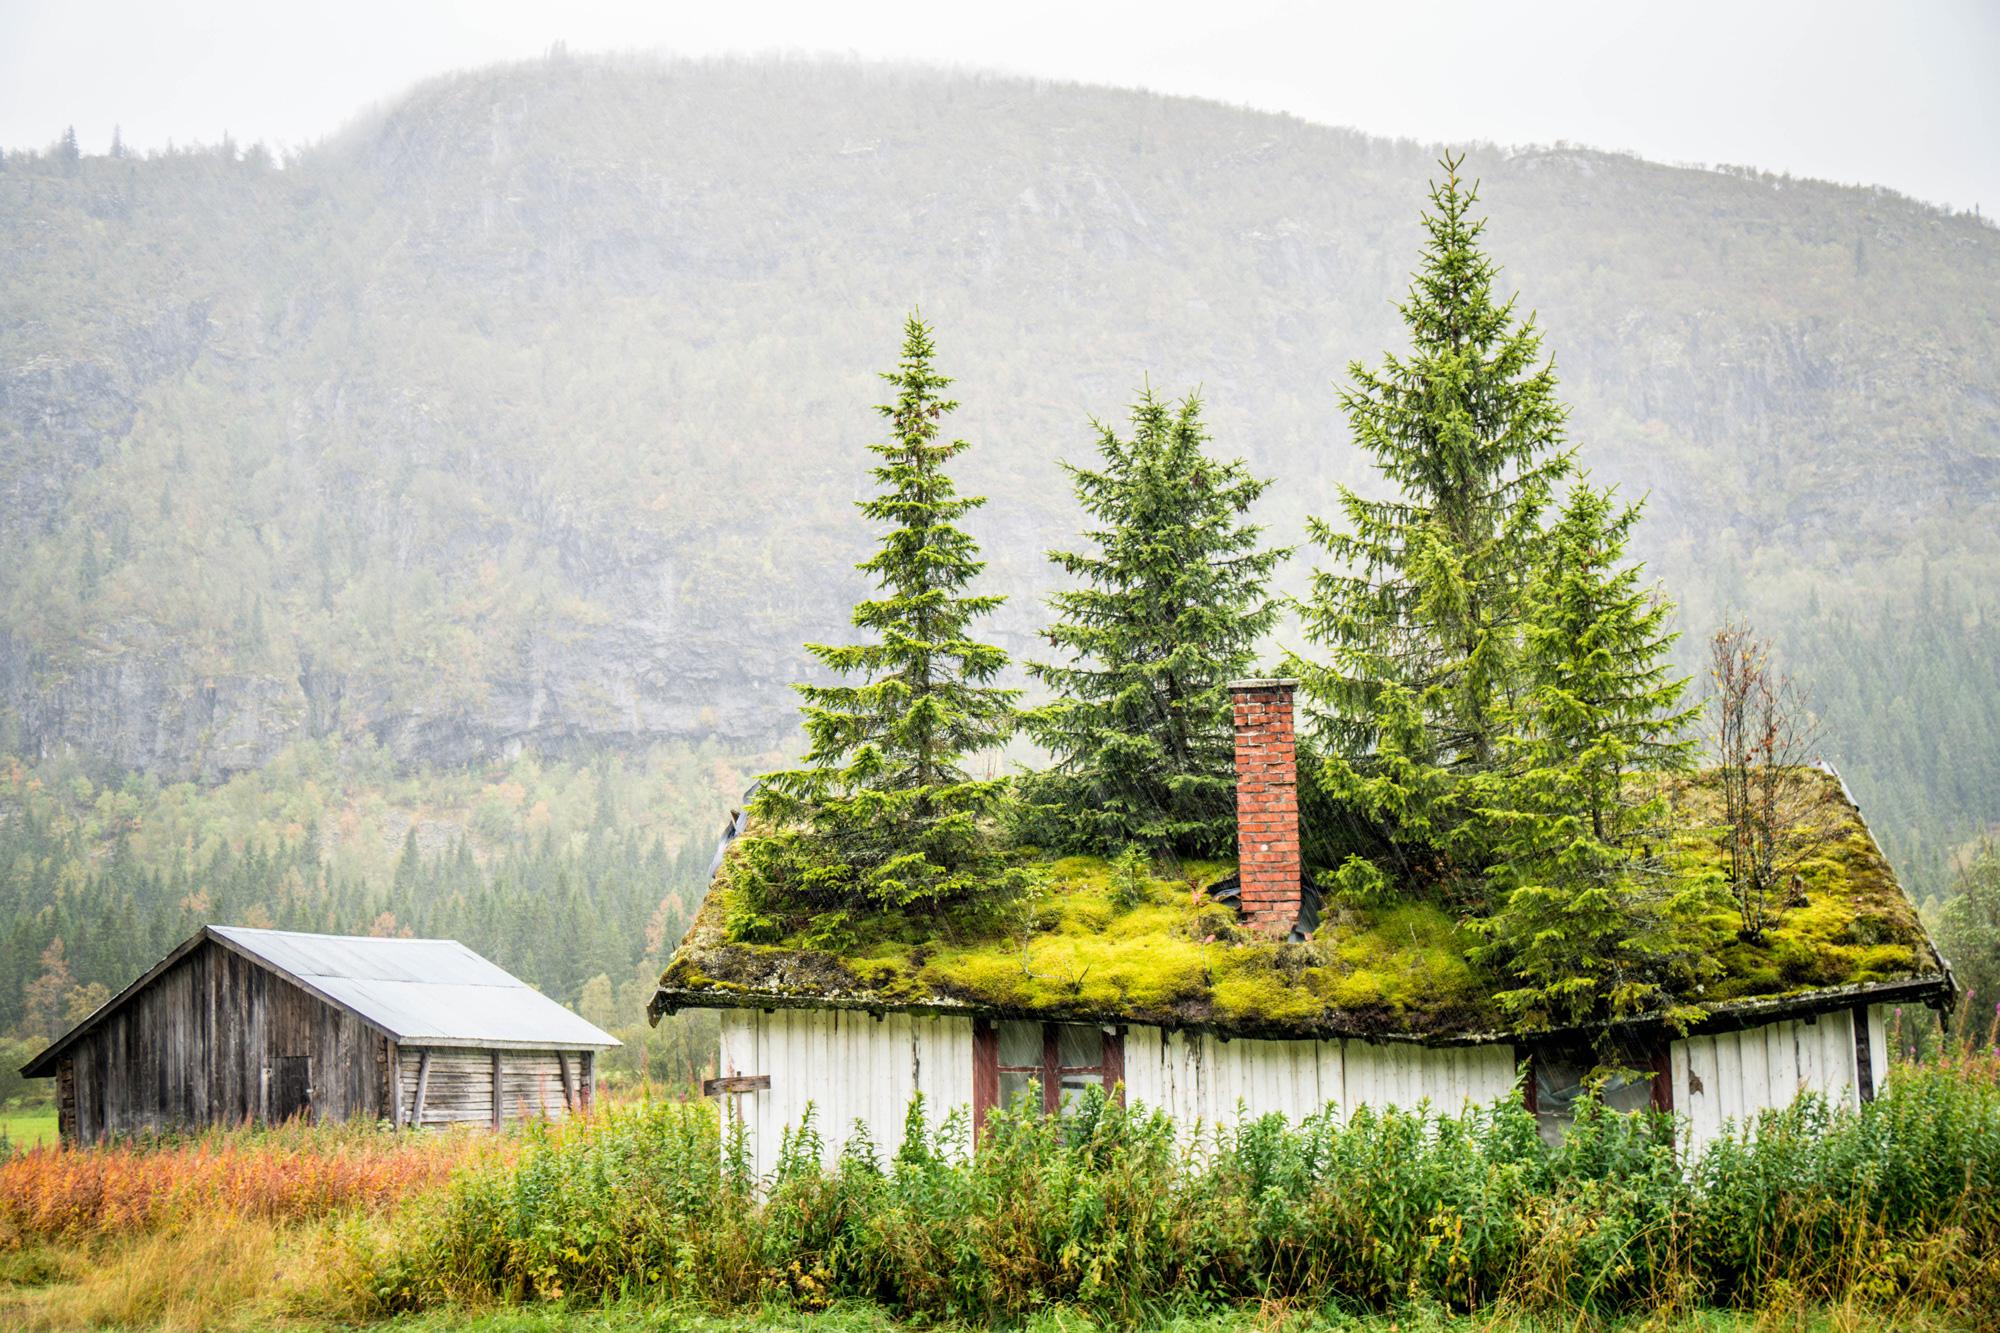 grass-roof.jpg